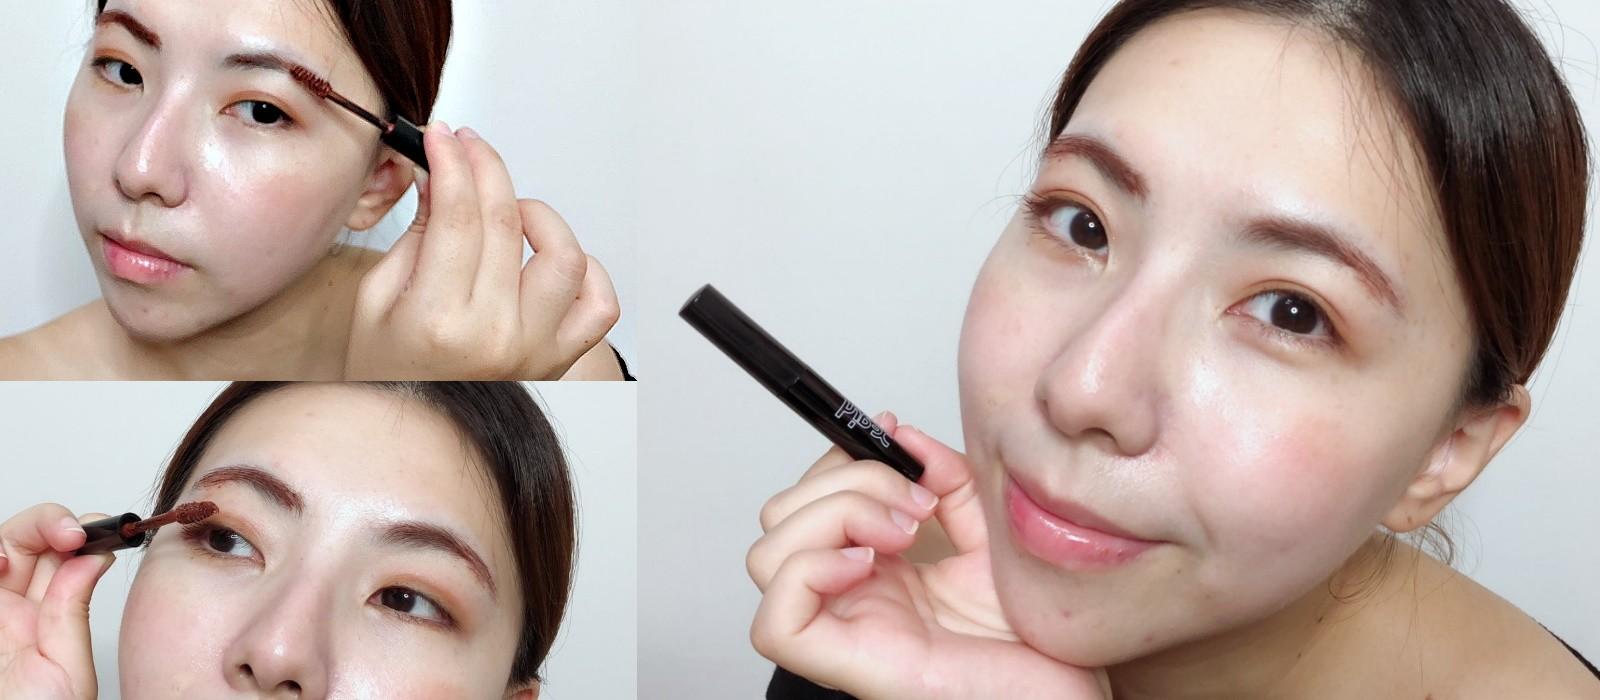 染眉膏~深咖啡色染眉膏在眉毛上非常容易上色,除了染眉外還能用來當睫毛膏使用,咖啡色睫毛膏讓眼妝跟眉毛整體性更足夠,這組彩妝系列都是以大地色為主。